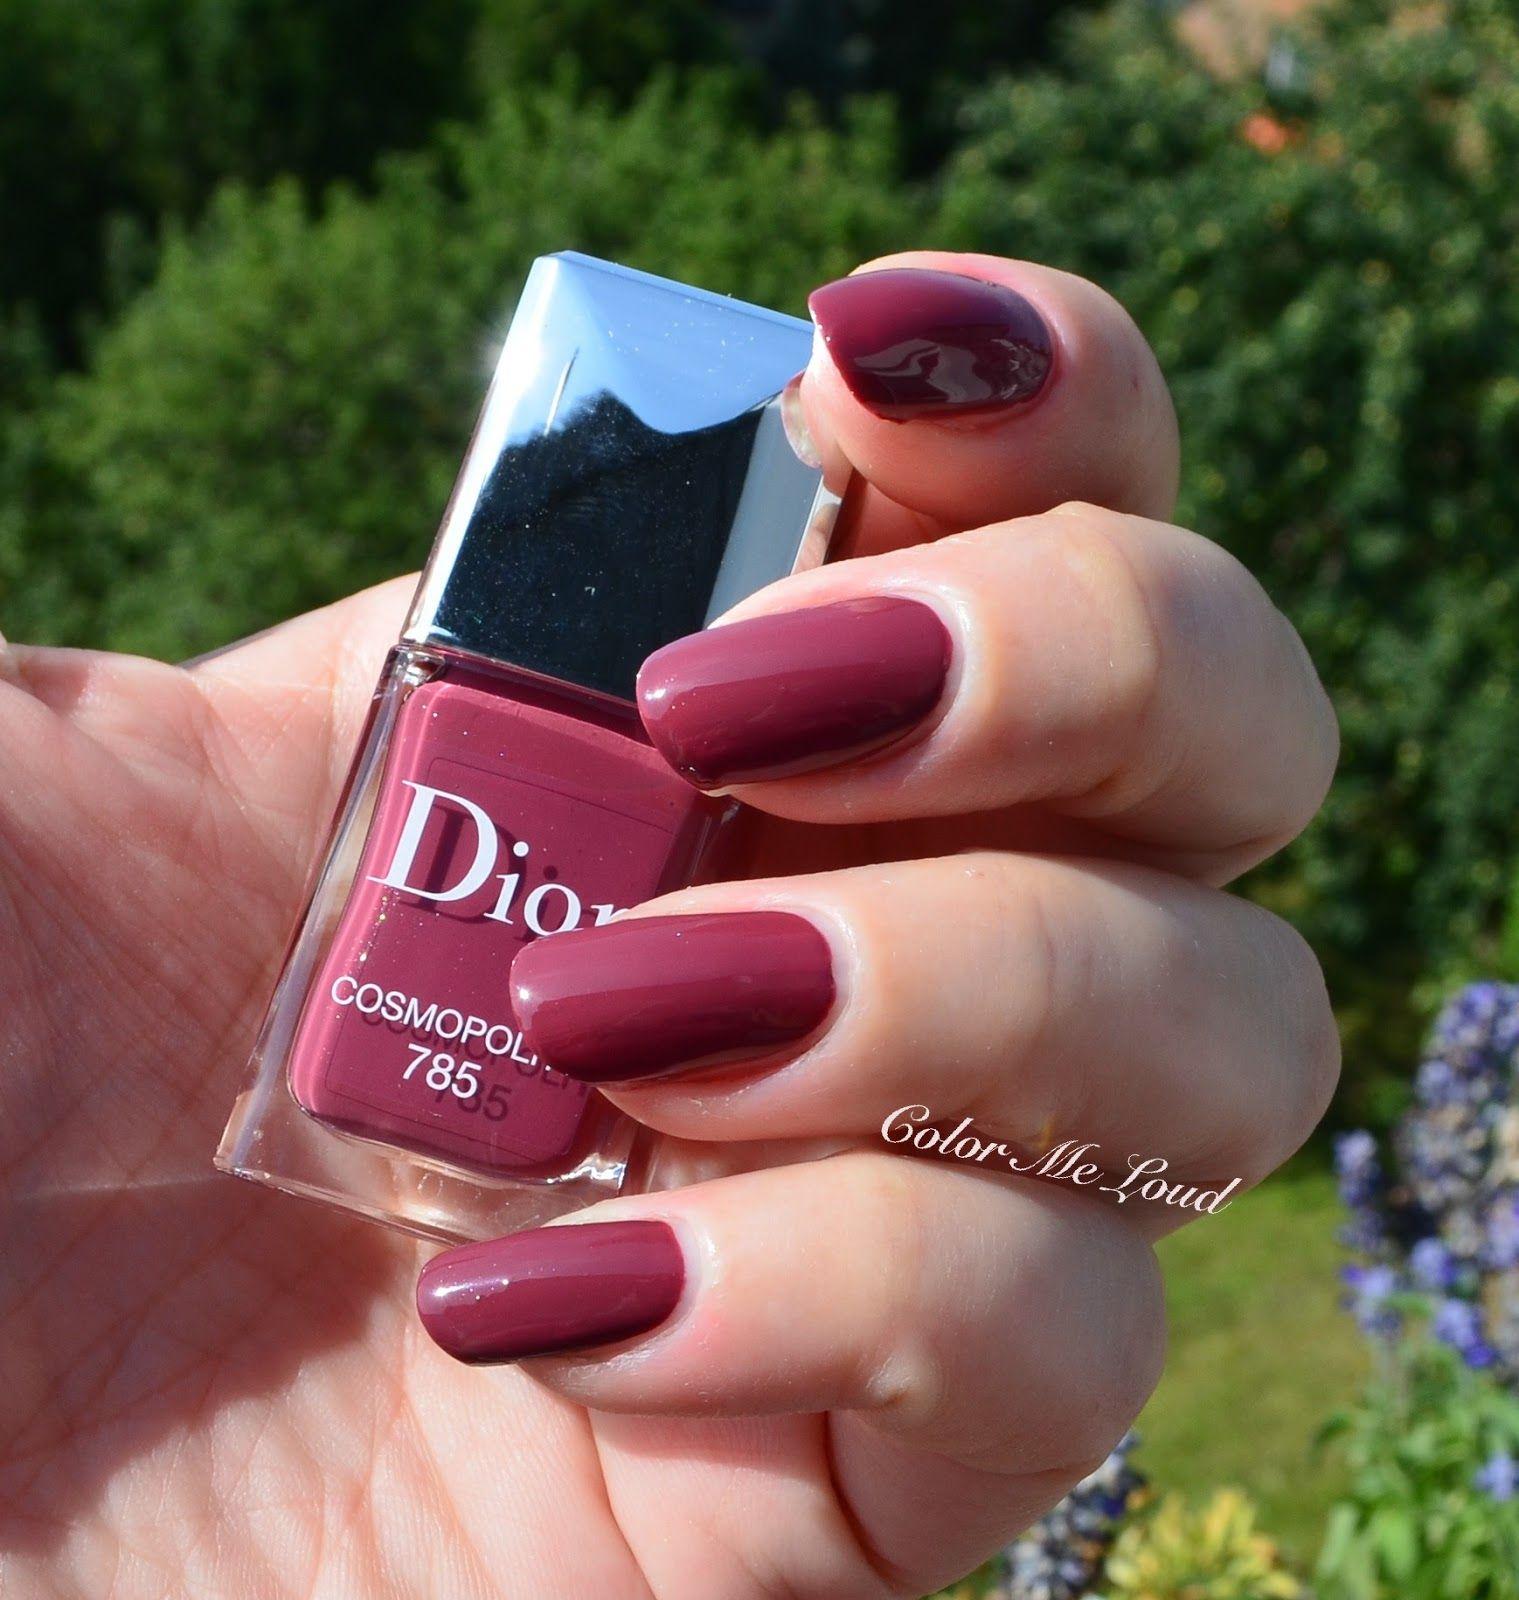 Dior #785 cosmopolite - Google Search   Laquer Mania in Blossom ...